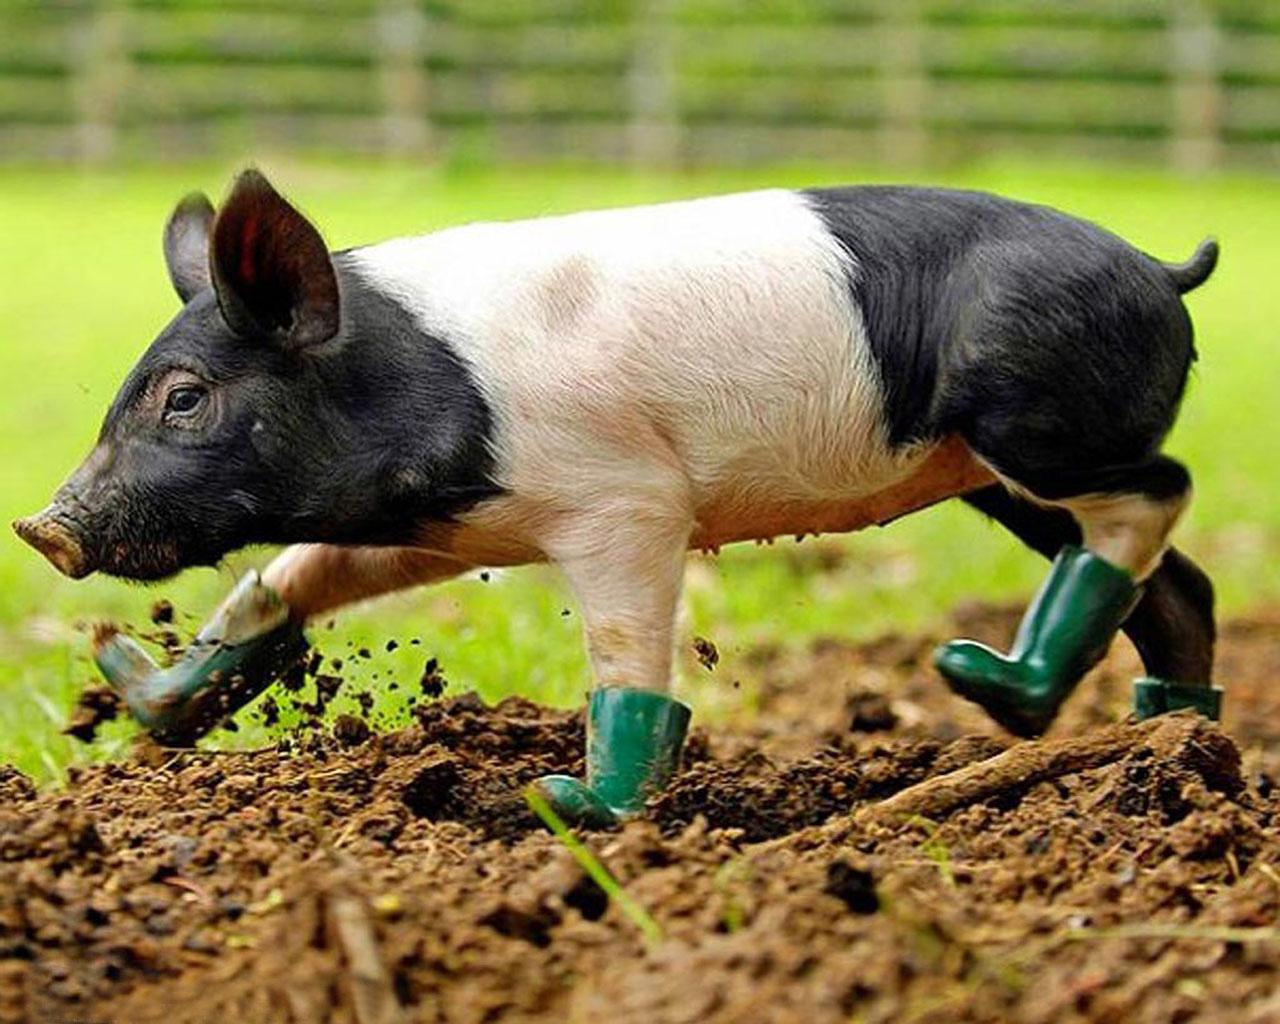 Cute Pig Wallpaper Hd Varkens Achtergronden Hd Wallpapers